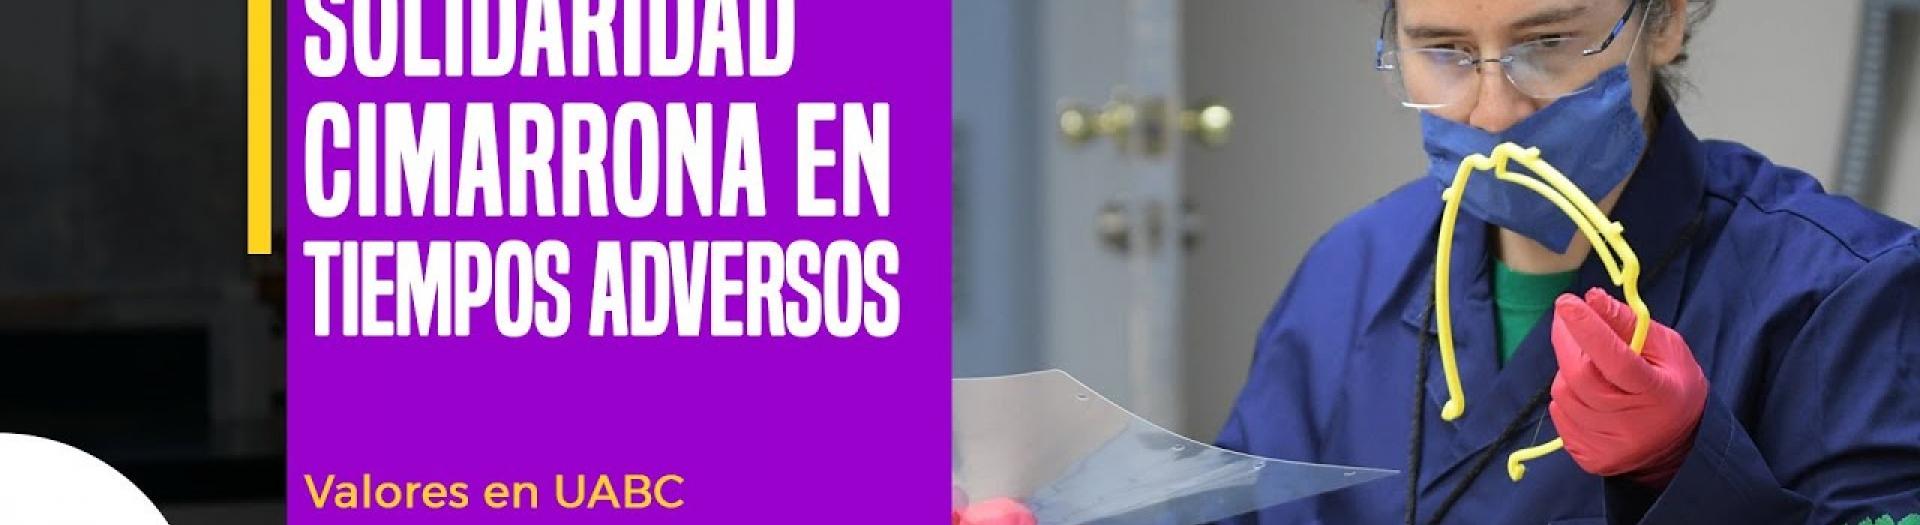 Embedded thumbnail for Solidaridad Cimarrona en Tiempos Adversos